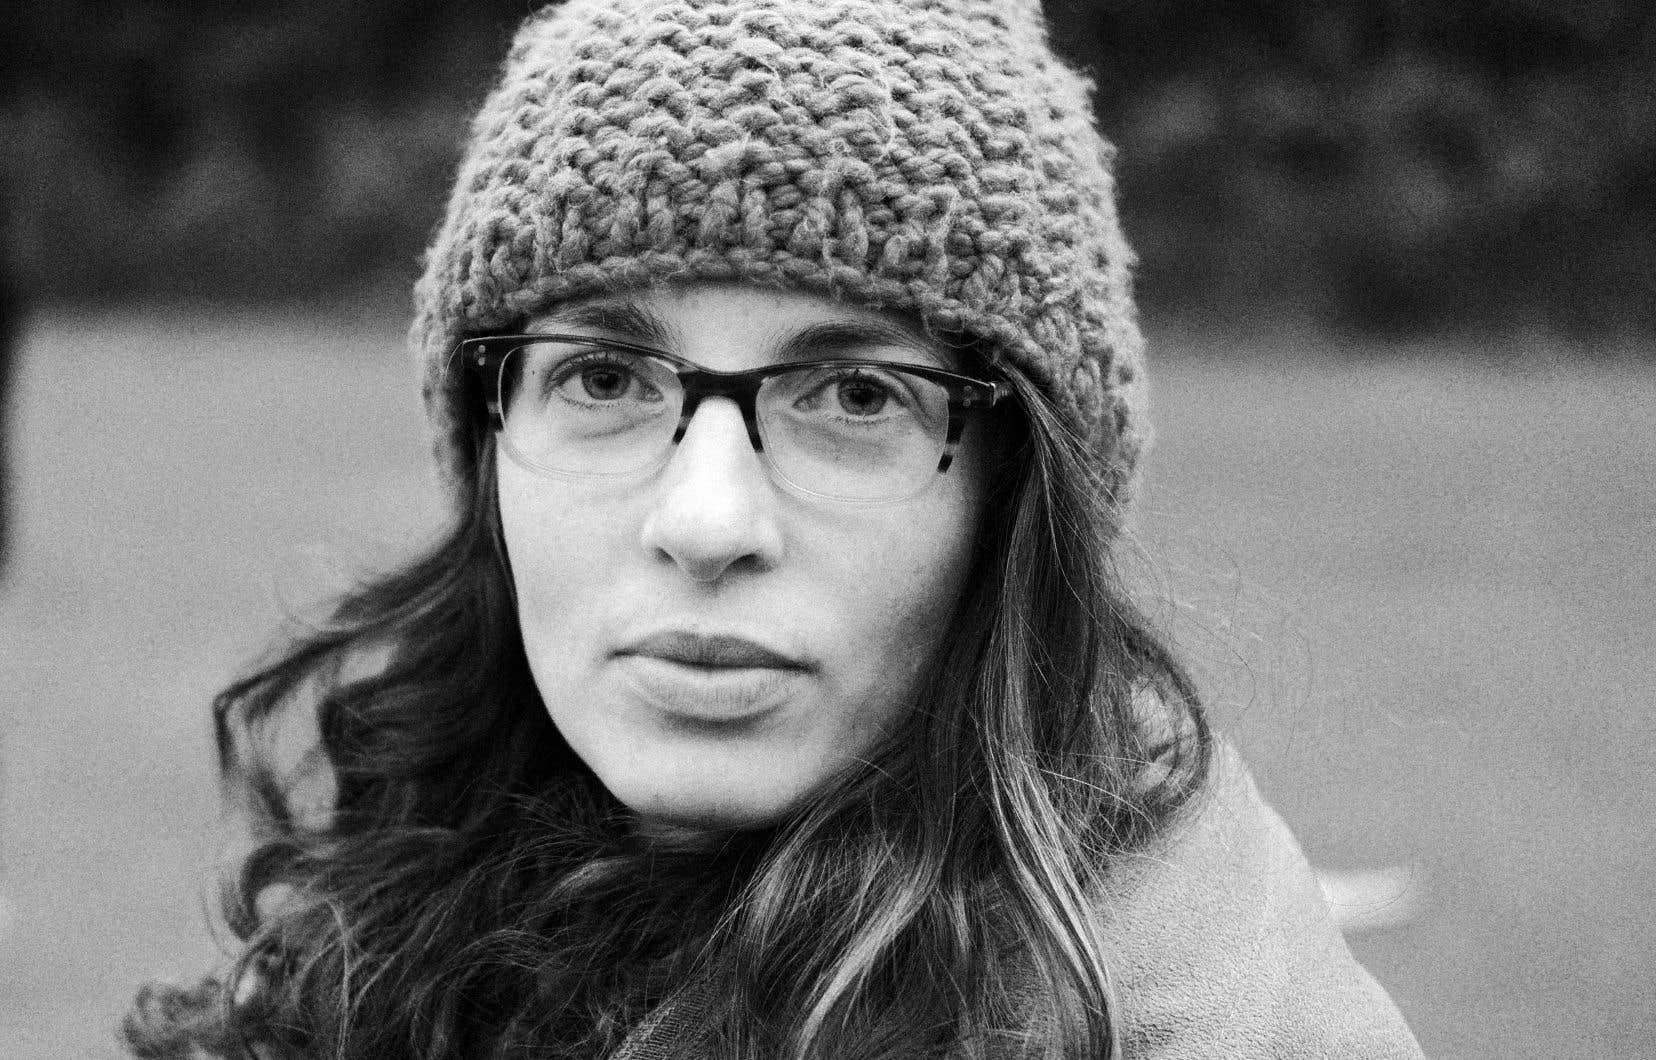 Les réflexions écologistes  et féministes abondent  dans l'écriture de Gabrielle Filteau-Chiba.